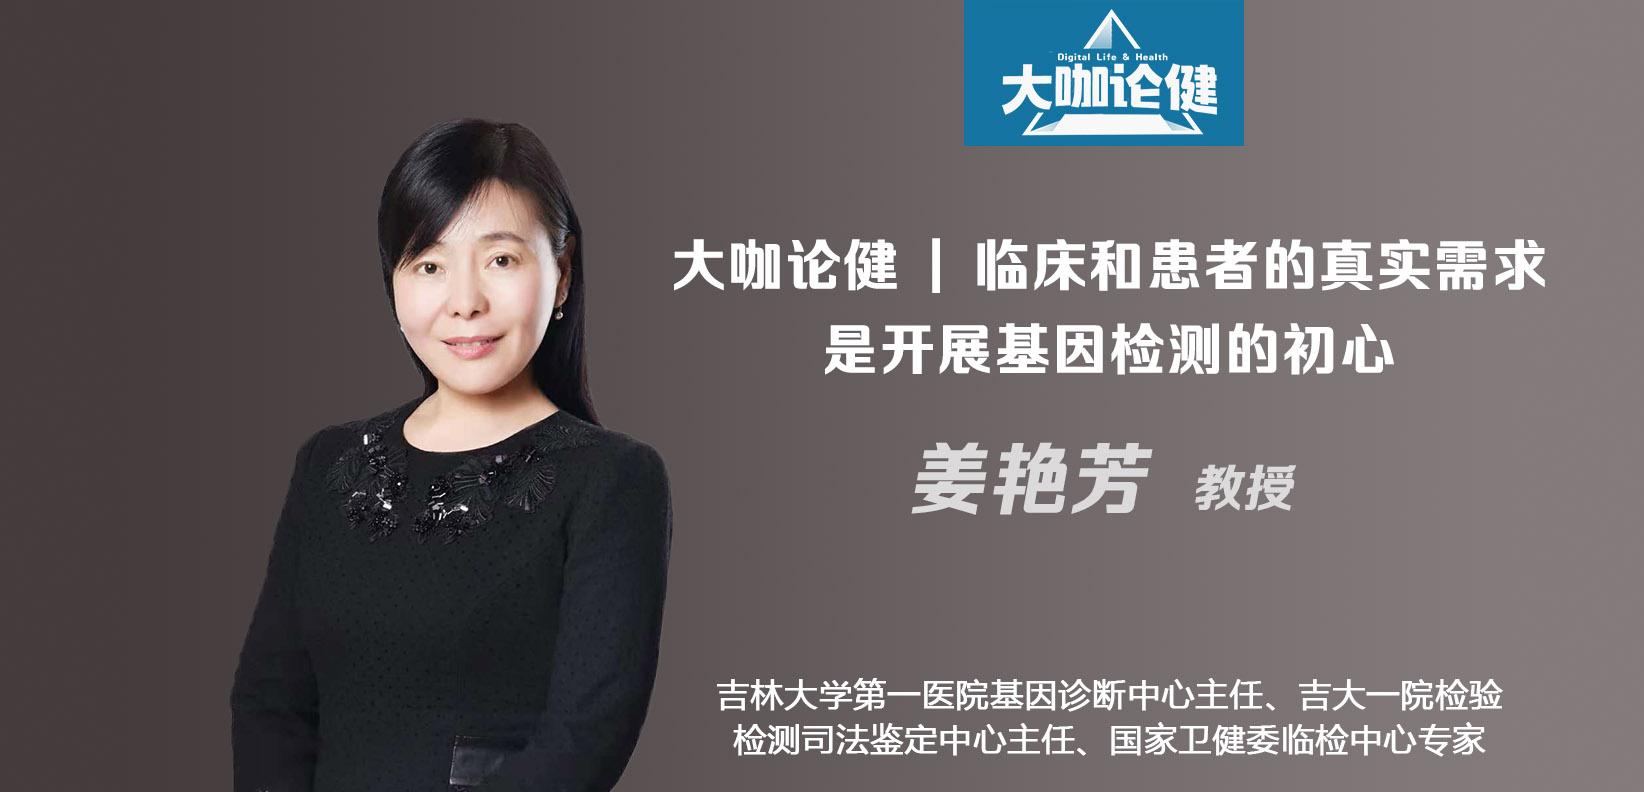 大咖论健83期 | 姜艳芳教授:临床需要更好的基因检测产品